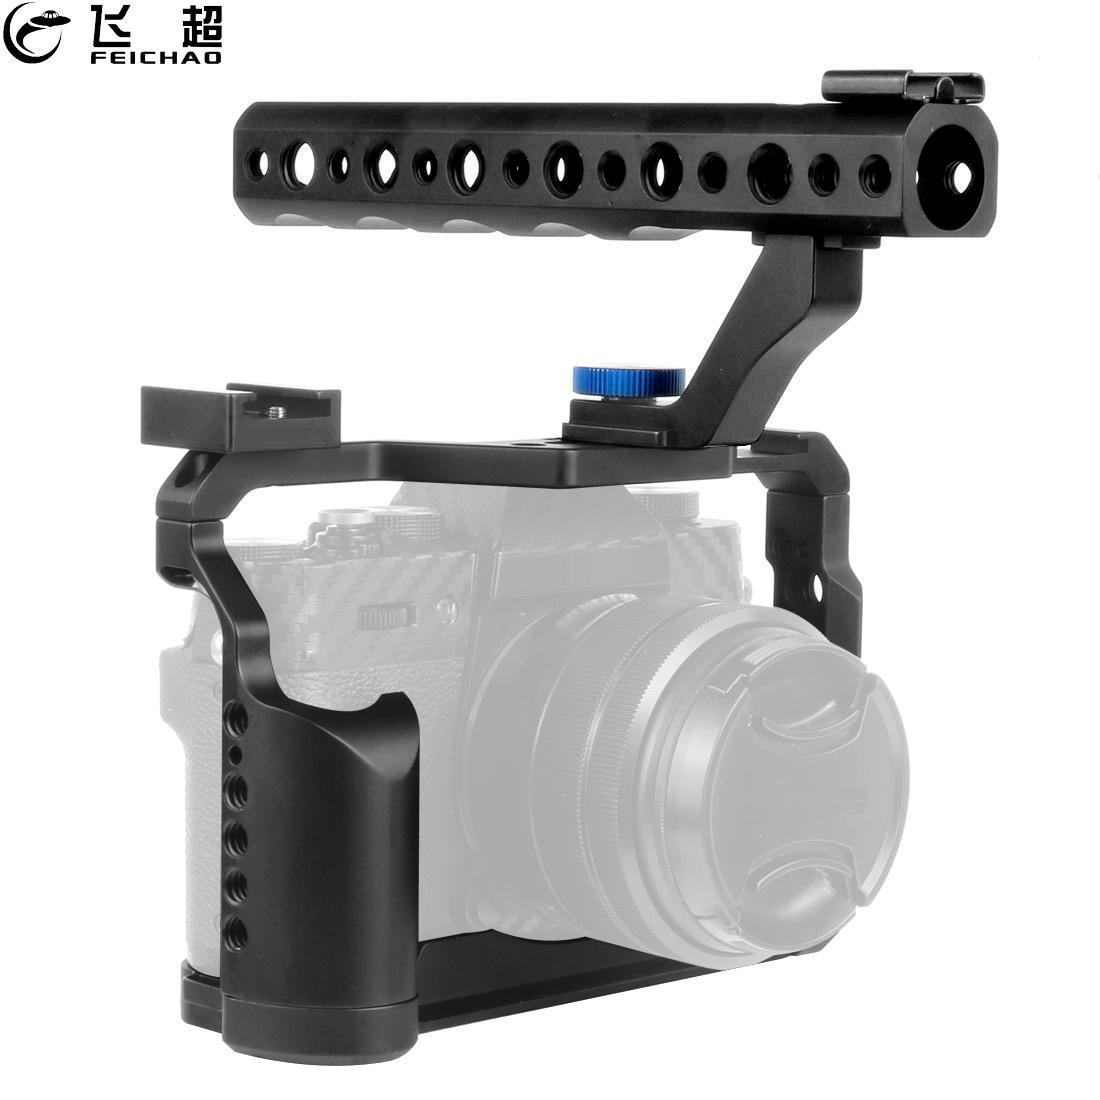 Kamera-ketrec szerelvény fogantyúval ellátott felső cipőtartó a - Kamera és fotó - Fénykép 1